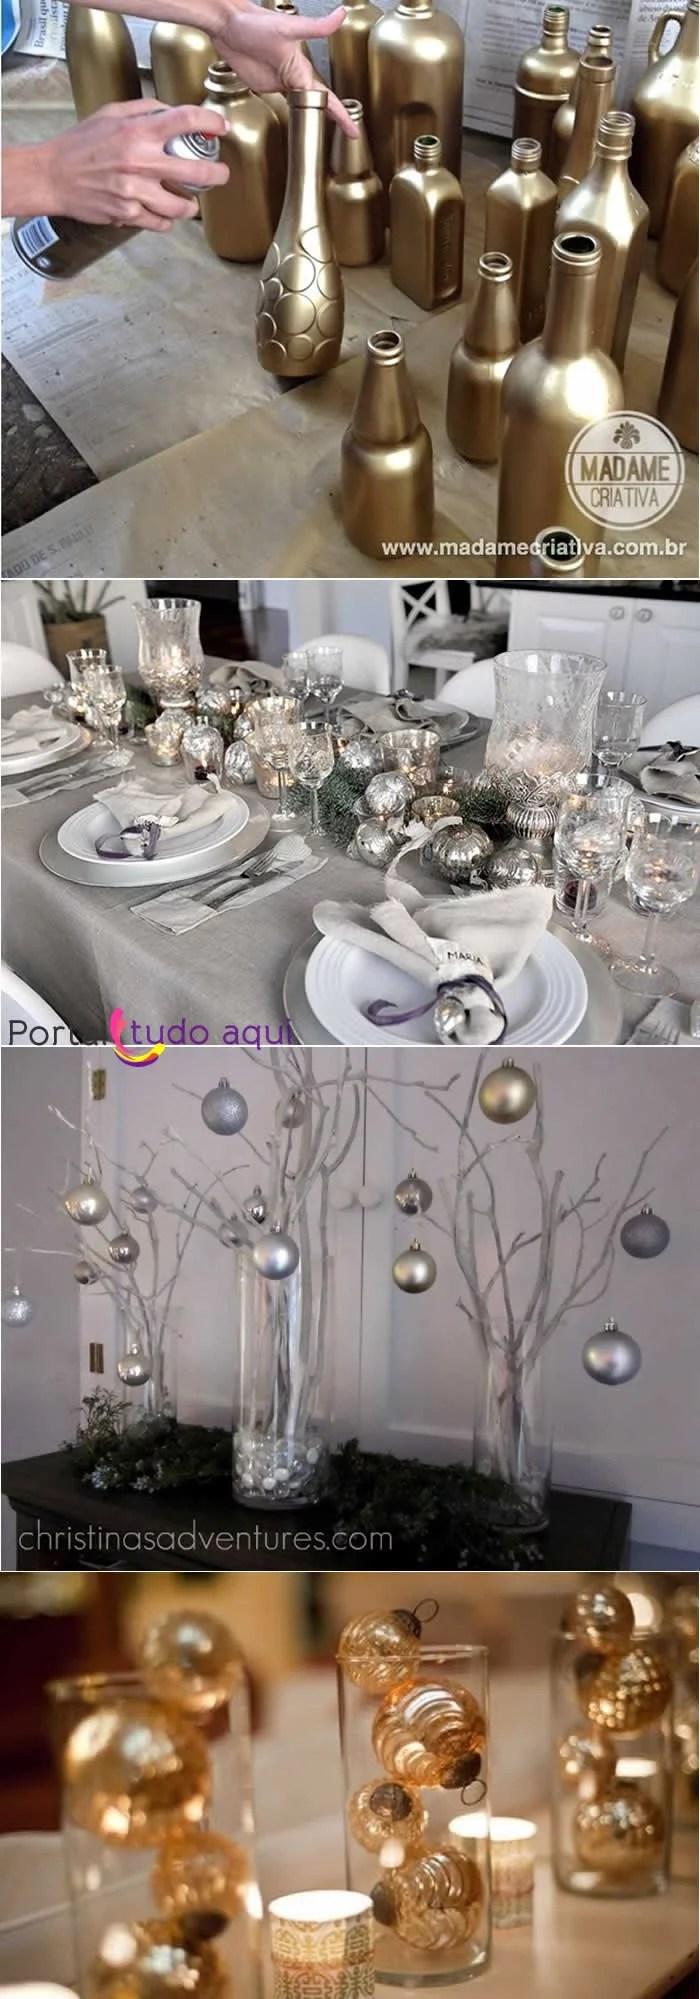 decoracao-baratinha-criativa-para-ano-novo-objetos-dourados-prateados